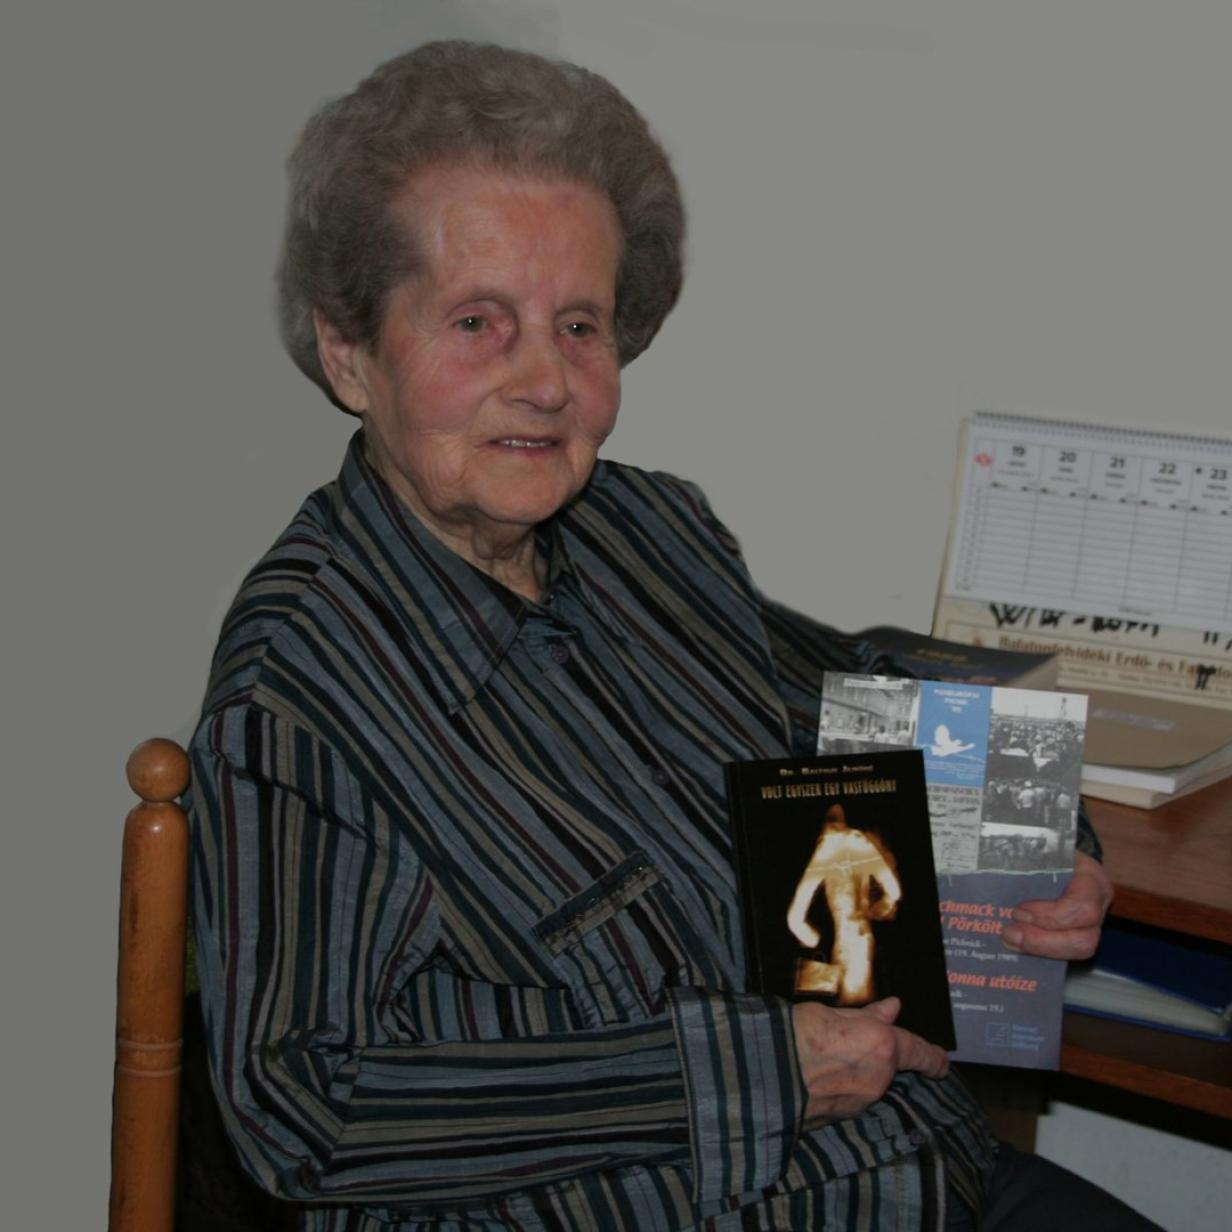 Fall des Eisernen Vorhangs: Tante Agnes und die Flucht